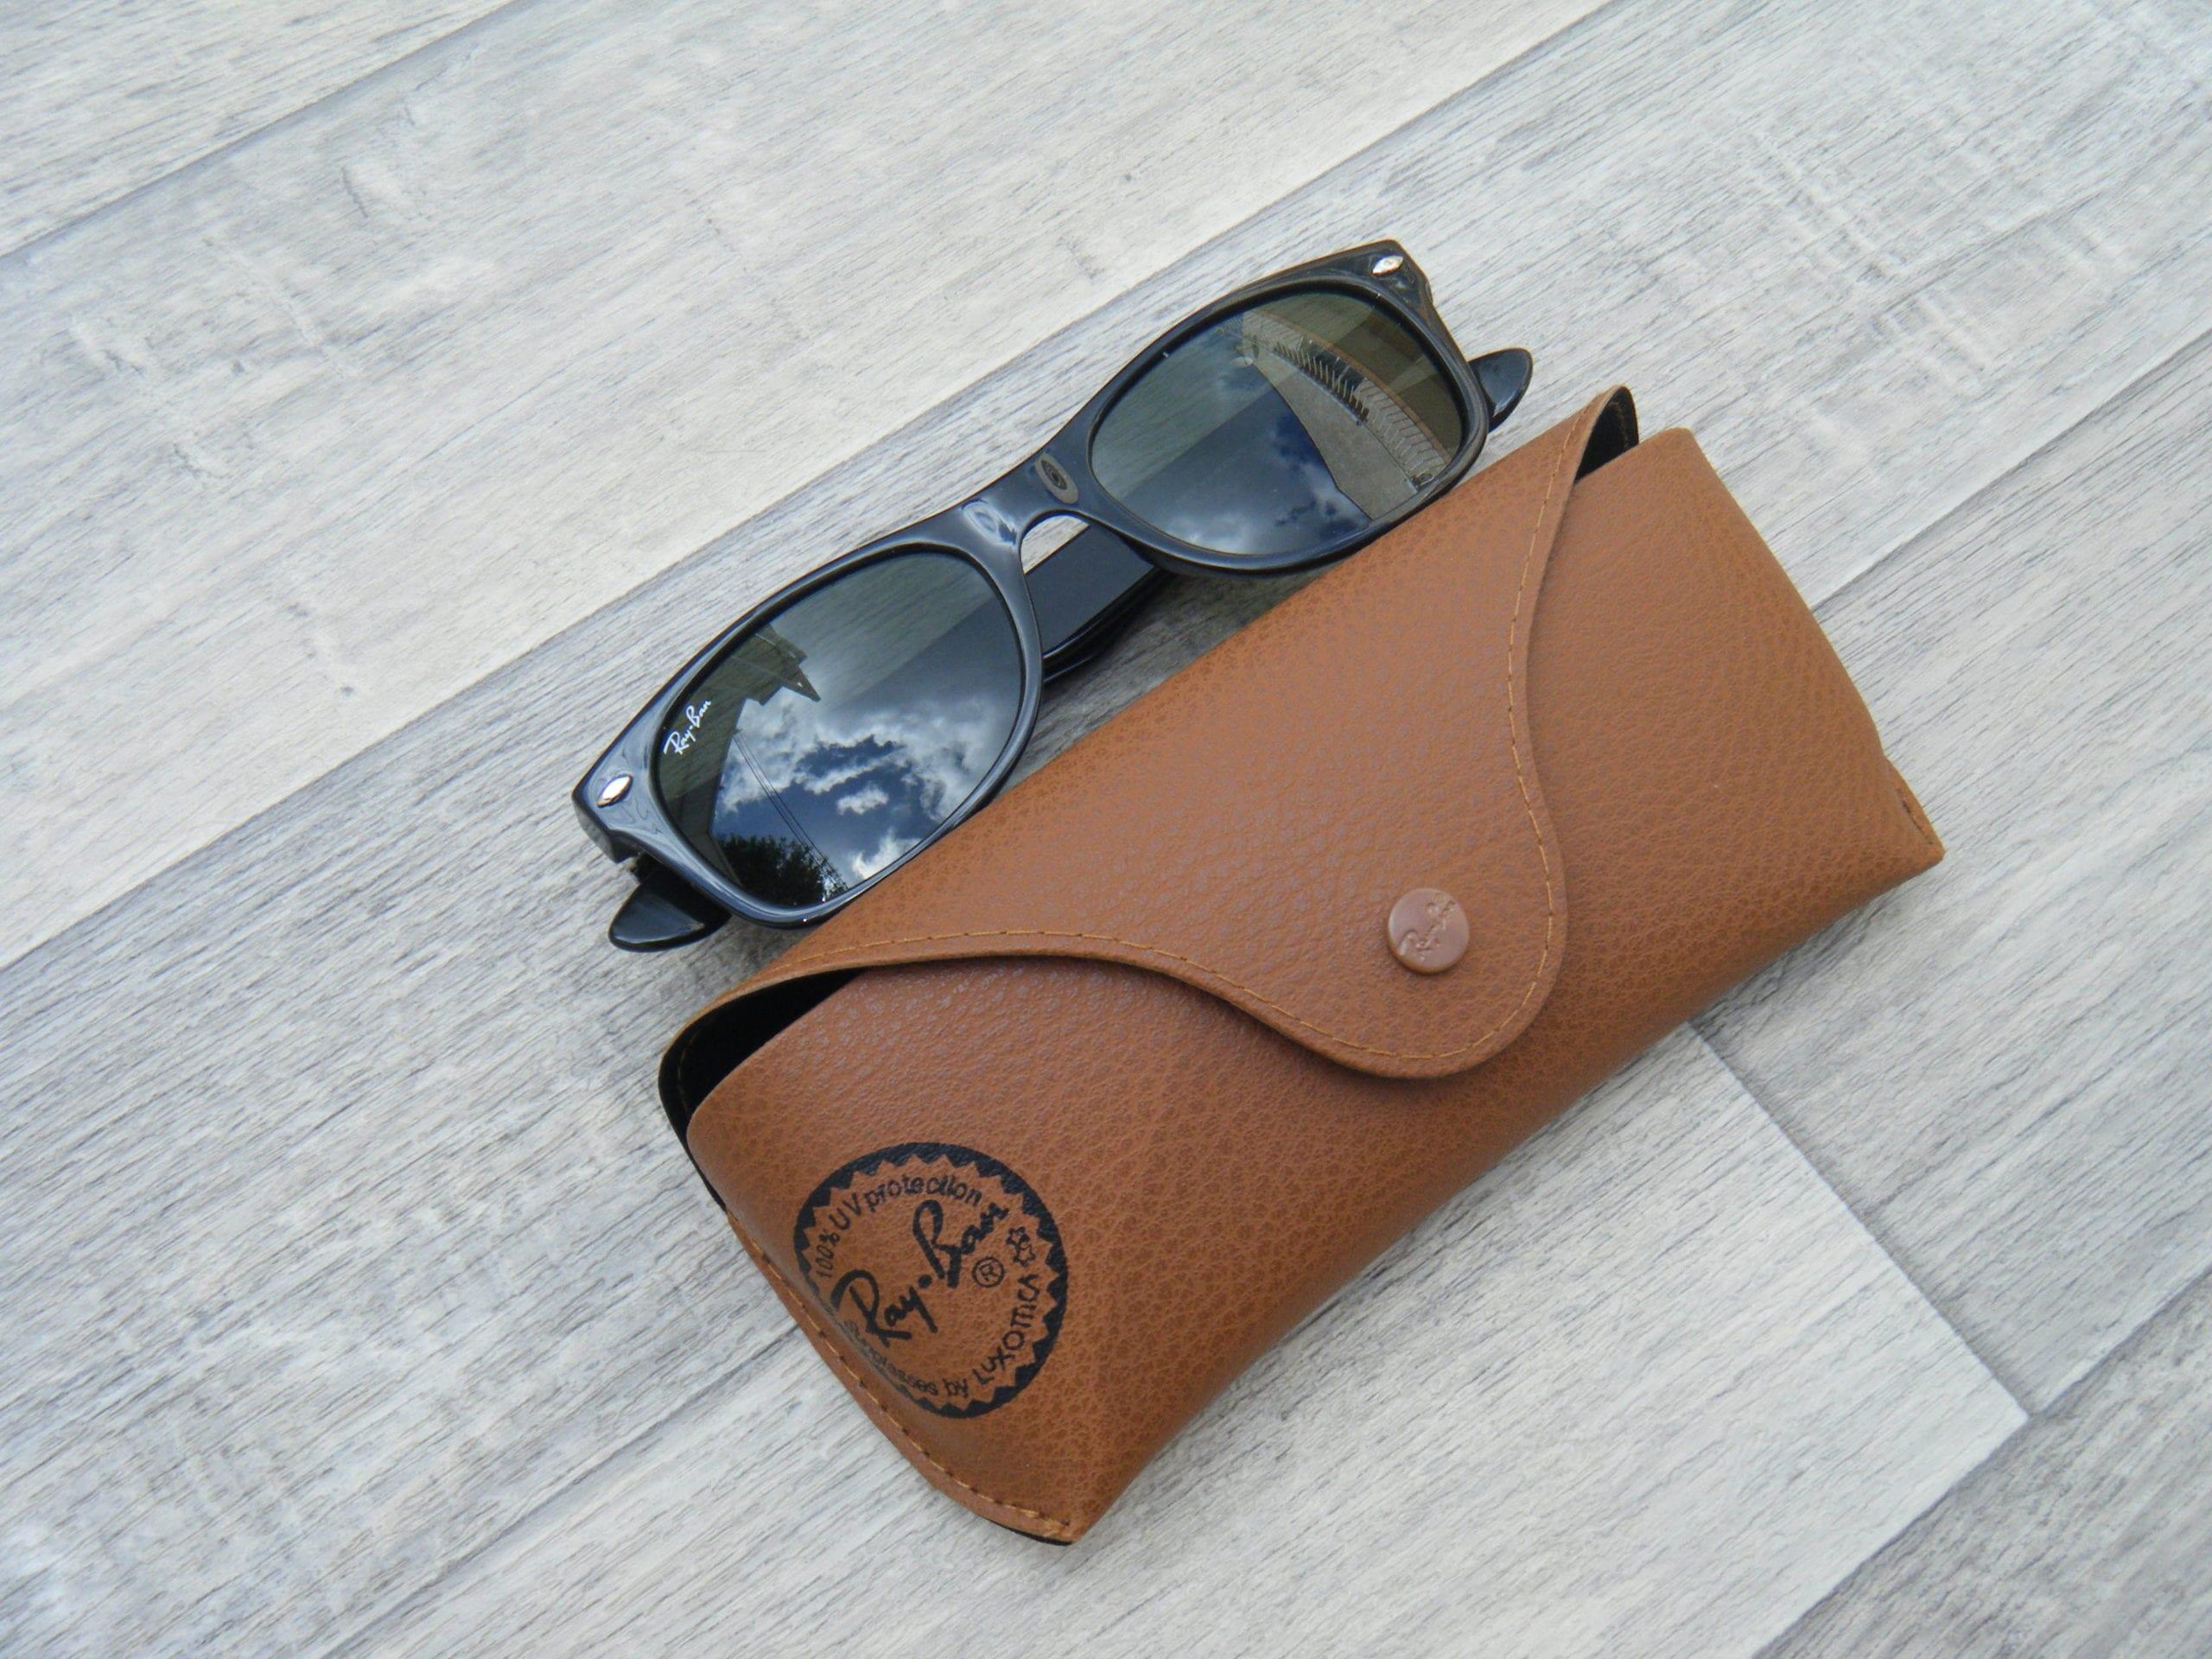 La New Wayfarer par Ray Ban est une déclinaison récente des lunettes de  soleil Ray-Ban cultes   les Wayfarer. Cet accessoire emblématique du XXe  siècle fut ... 1dd2e80722fe